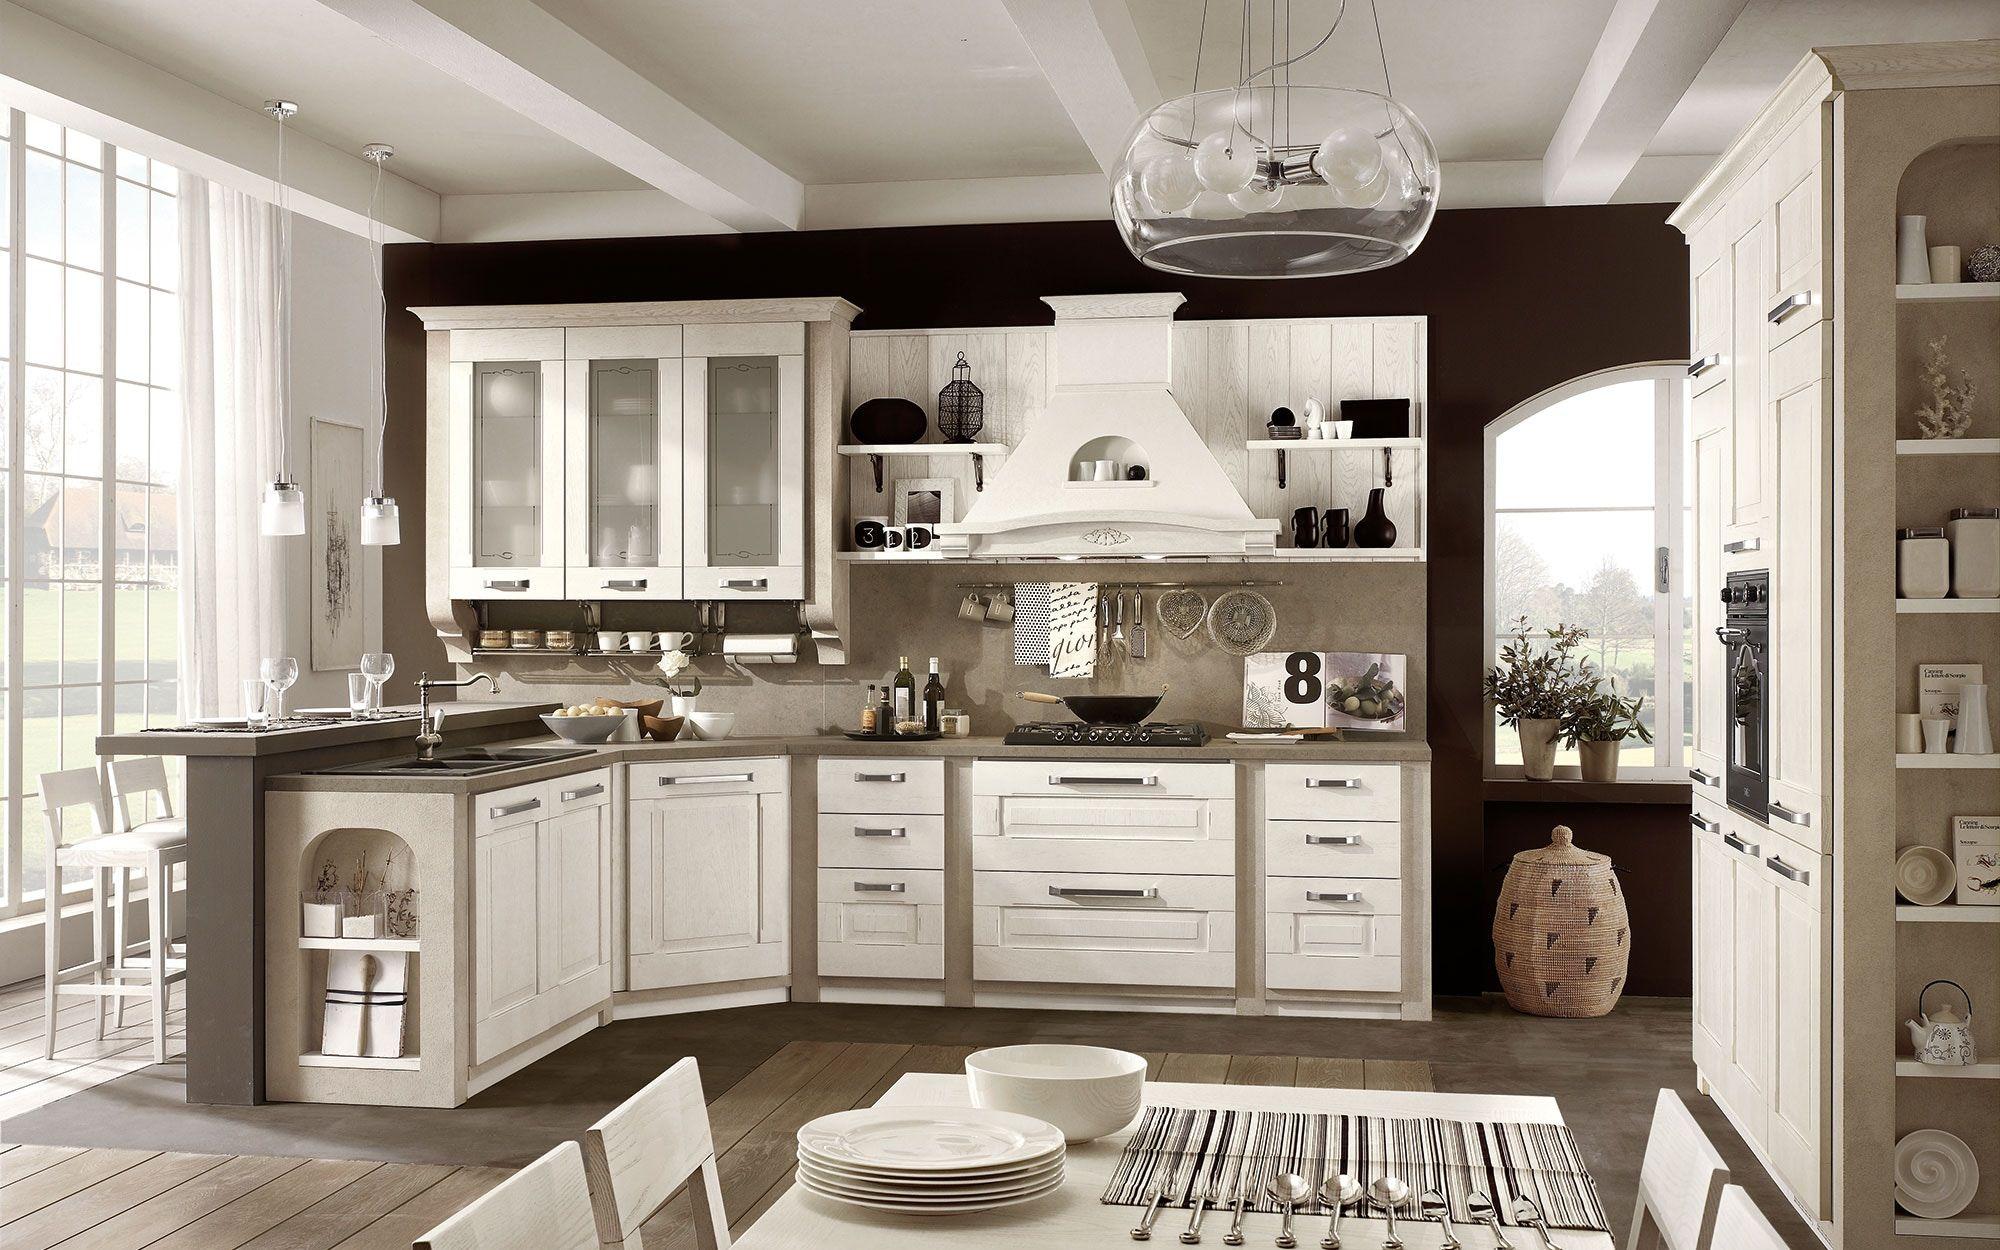 Cucine classiche Stosa - Modello cucina Aida 1840 | Design ...